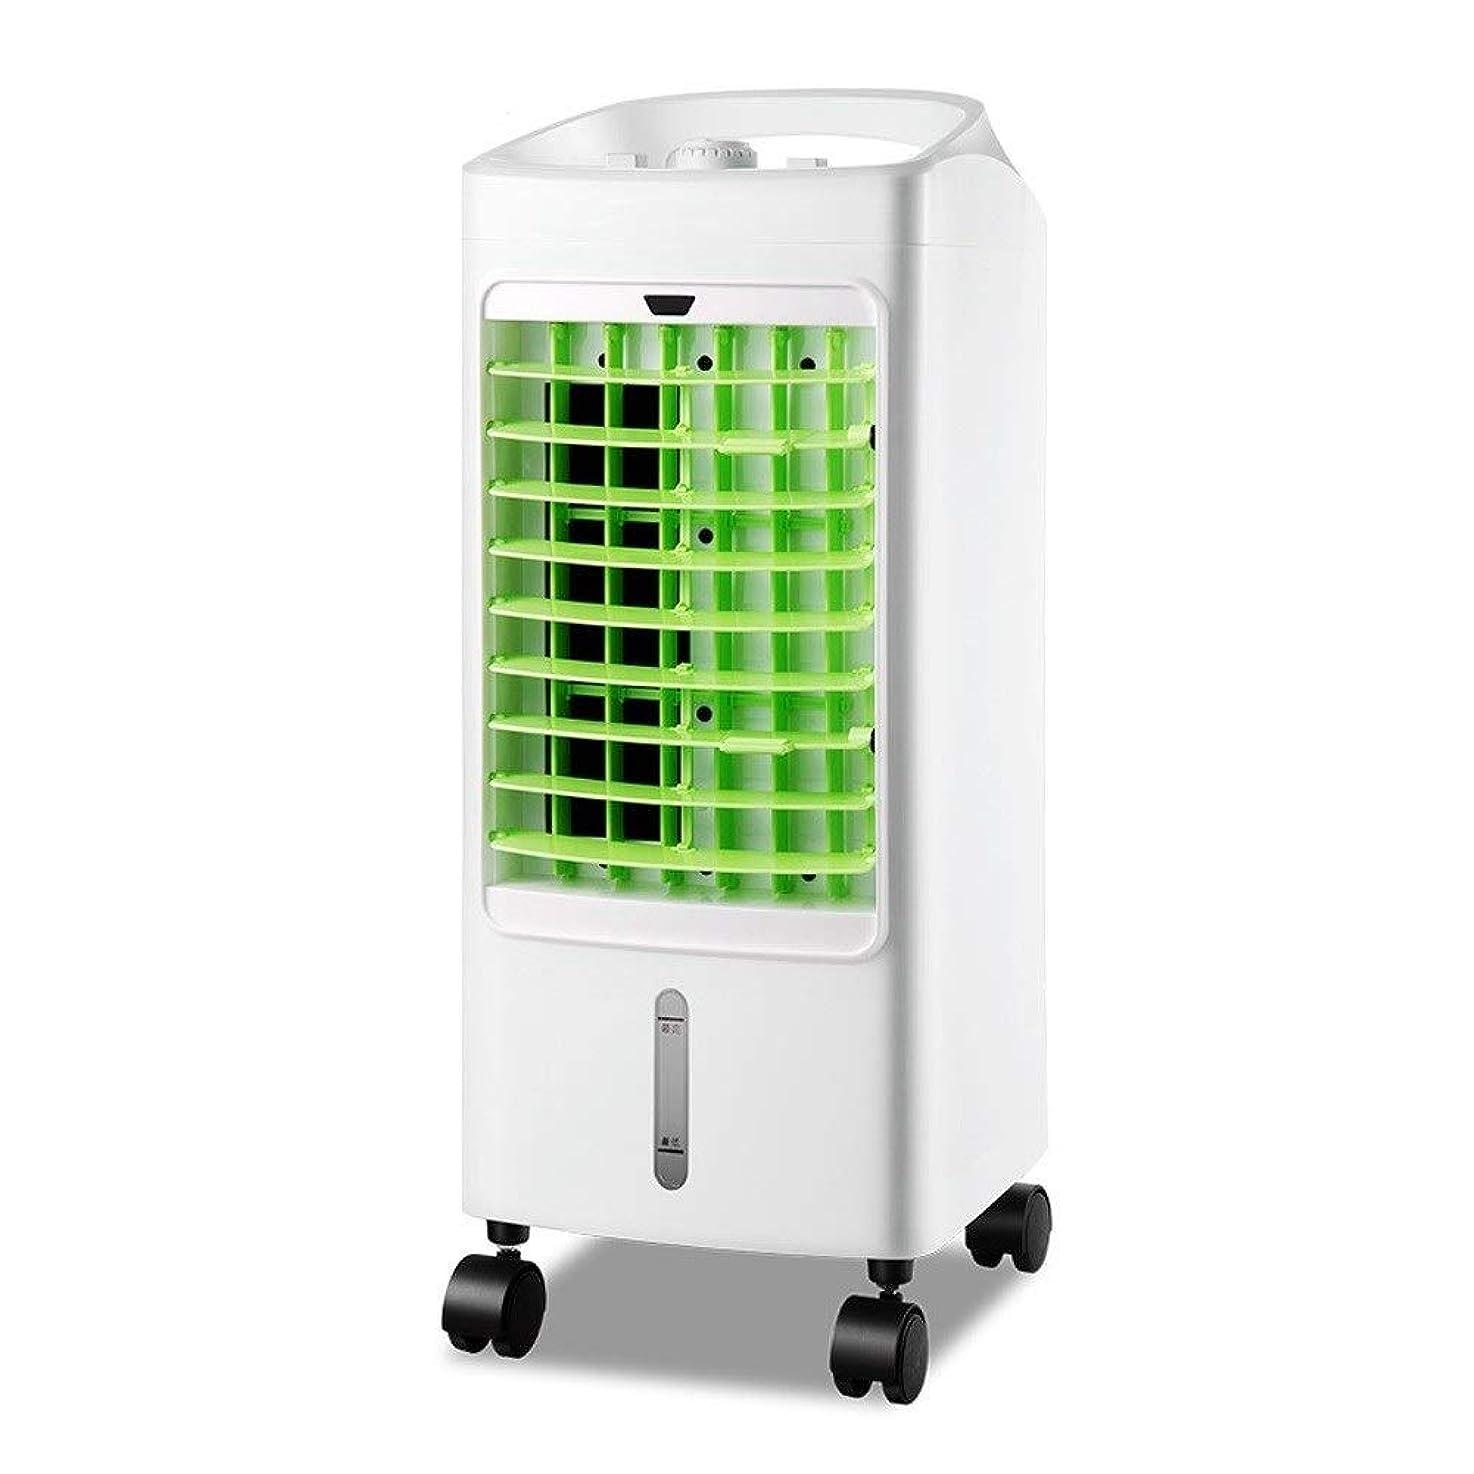 告発コジオスコ縞模様のLPD-冷風機 機械的に制御された単一の冷却された空気クーラーの携帯用蒸発冷却の冷たい空気加湿空気浄化